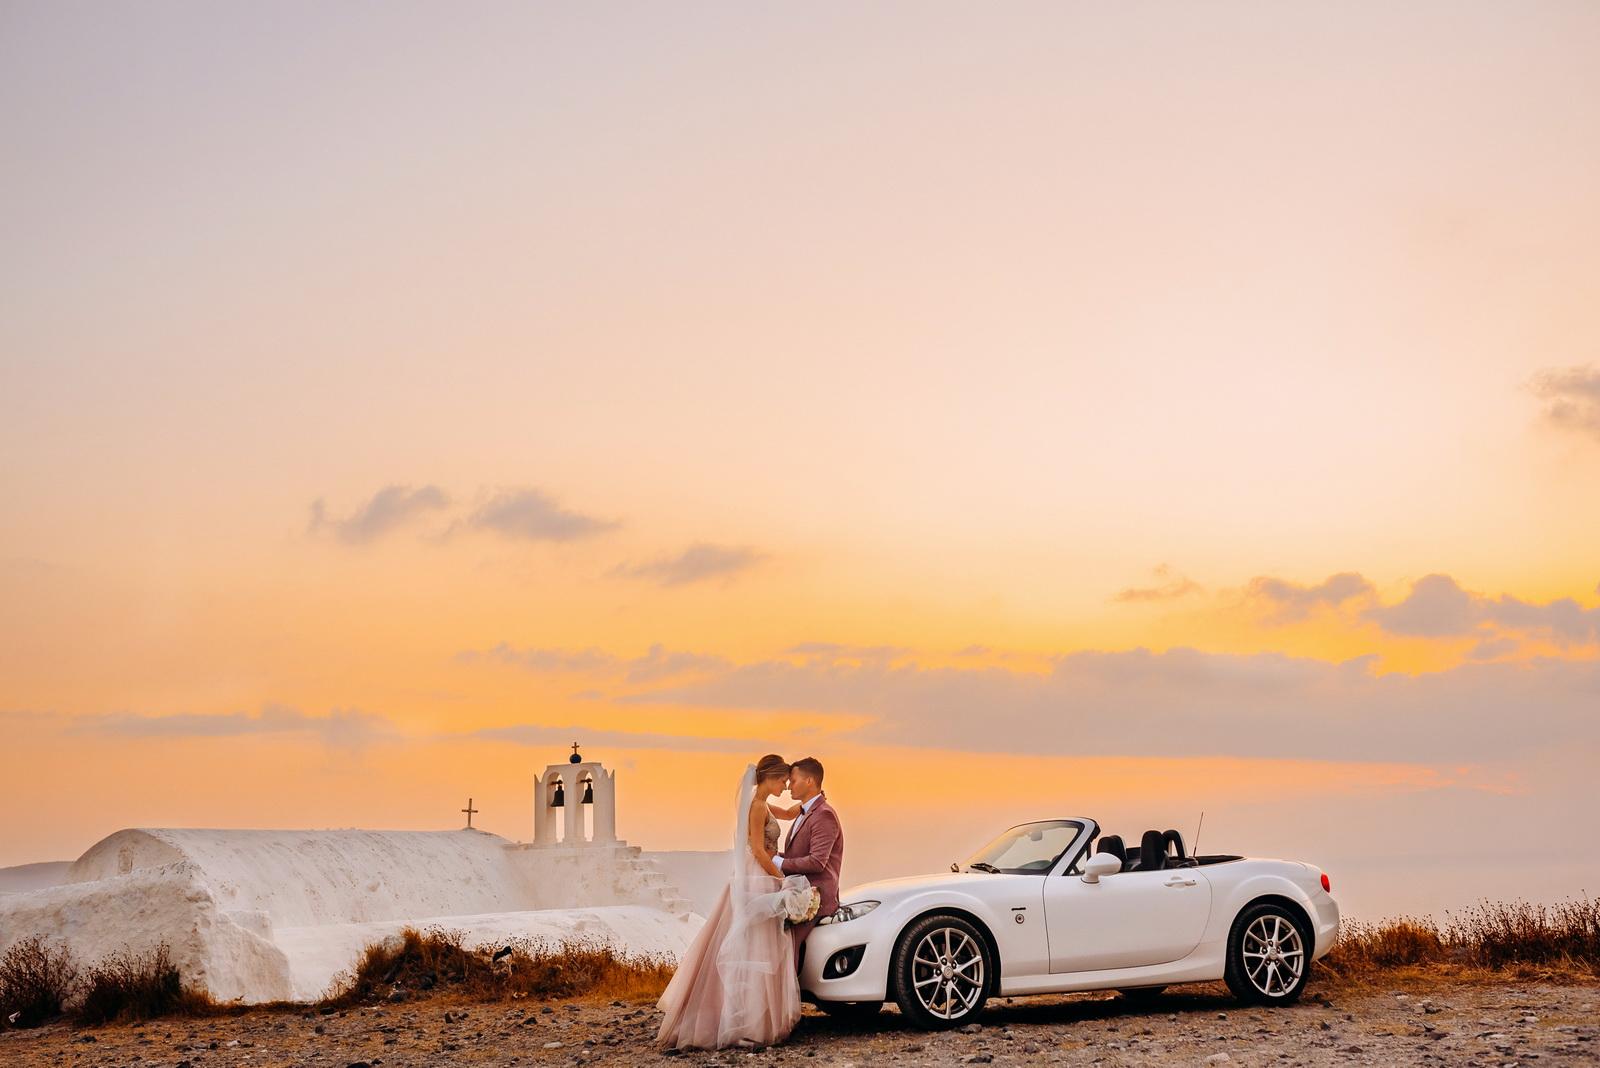 Аренда автомобилей: свадьба на санторини, свадебное агентство Julia Veselova - Фото 3